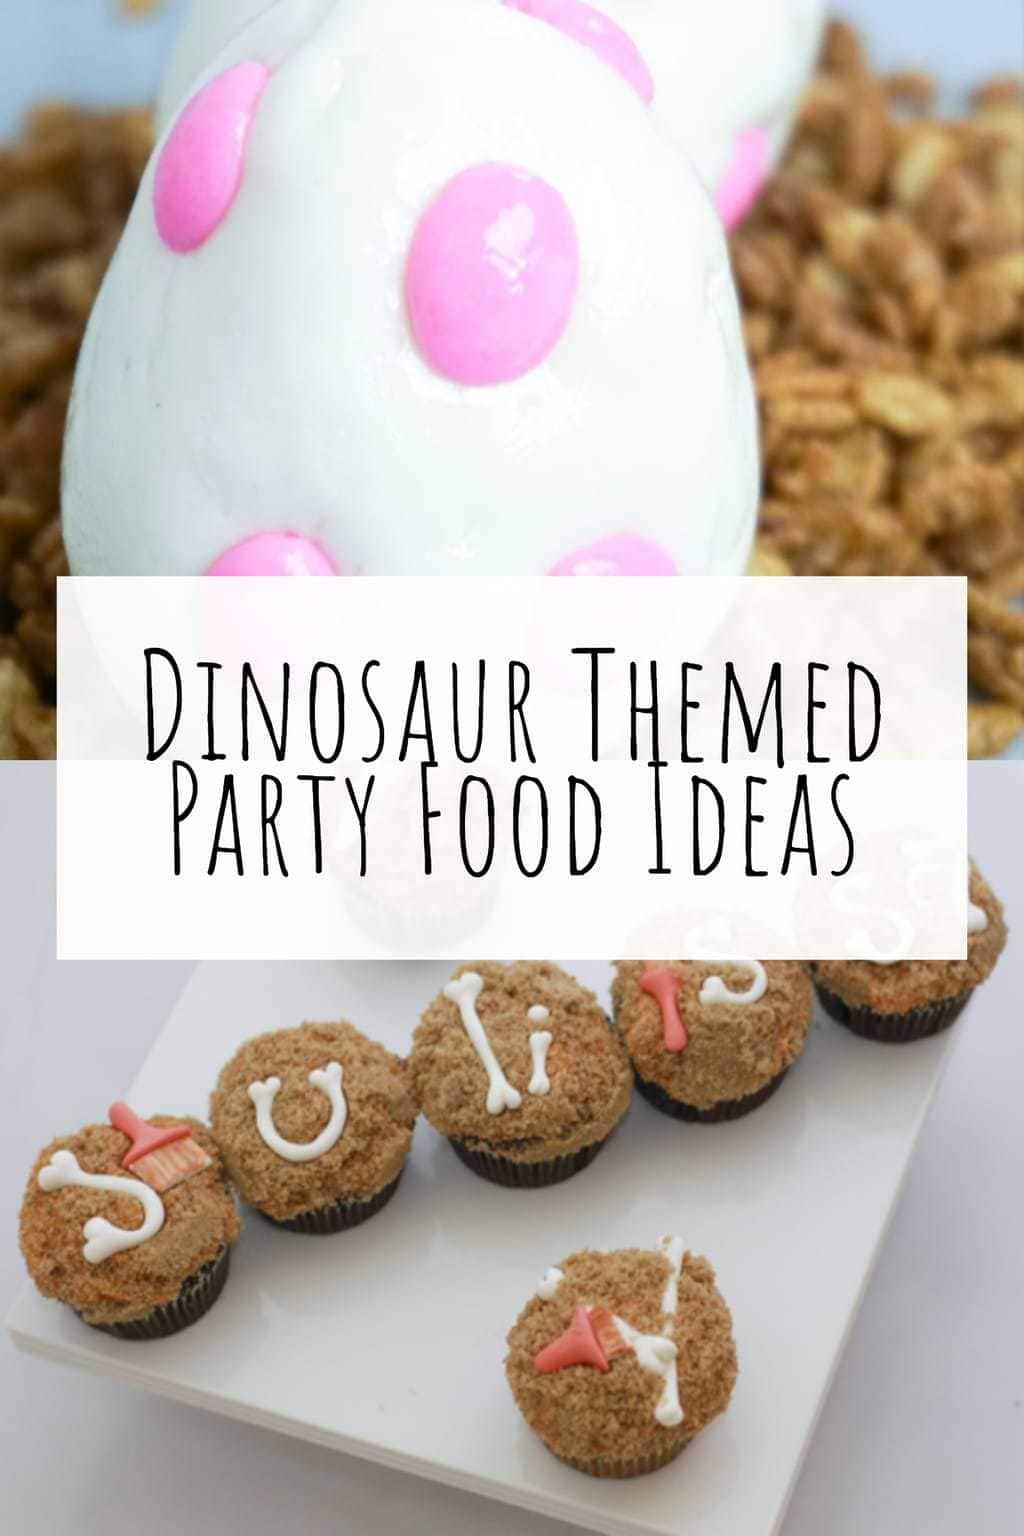 Dinosaur Themed Party Food Ideas